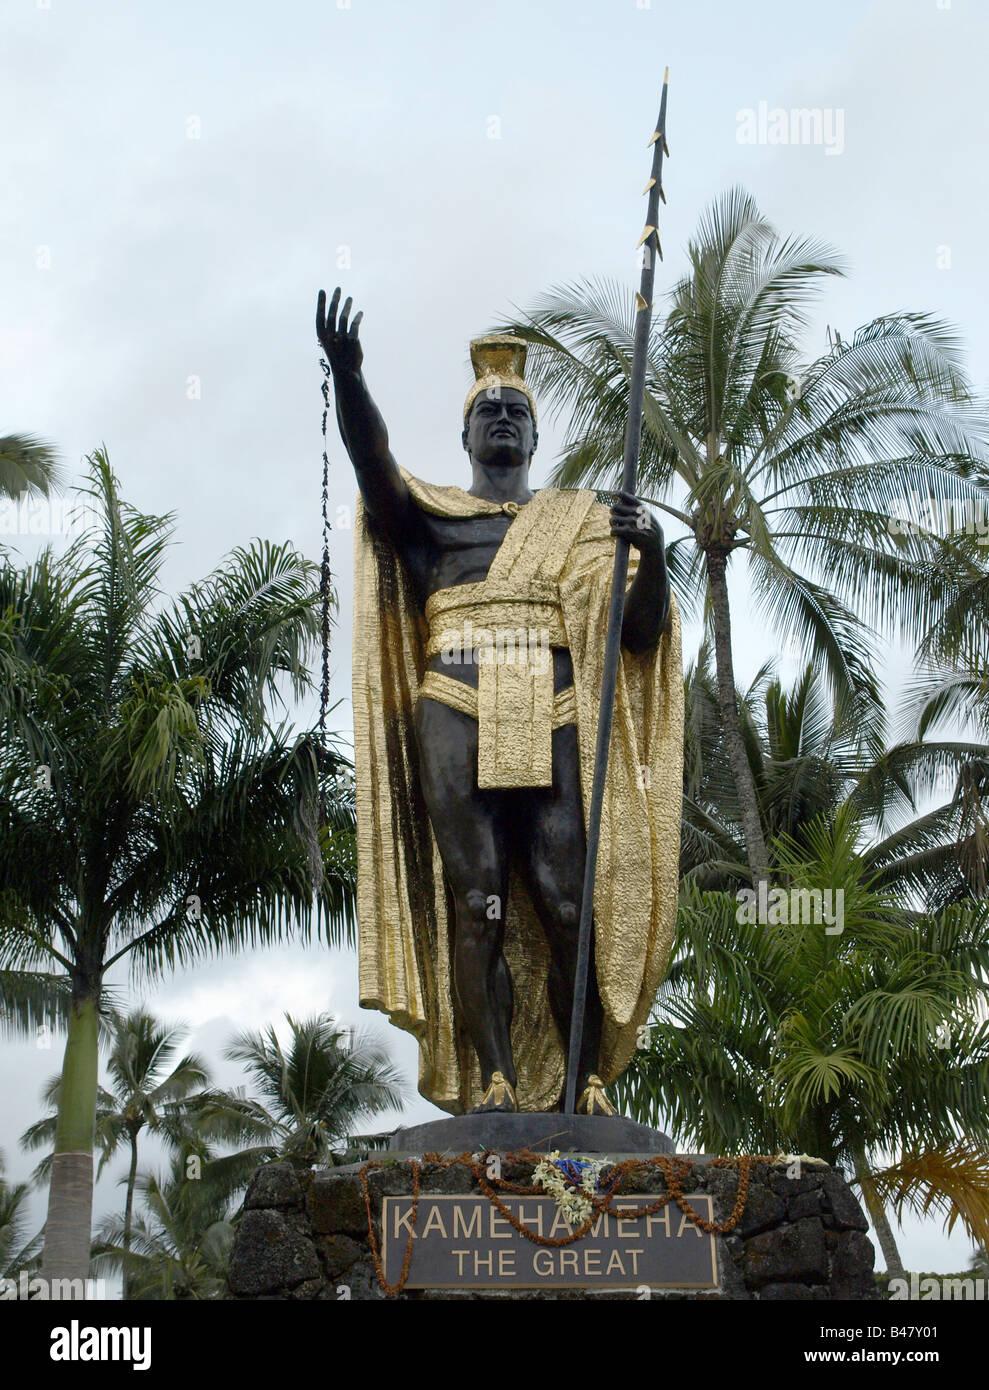 La estatua de Kamehameha el Grande , Big Island, Hawai Foto de stock